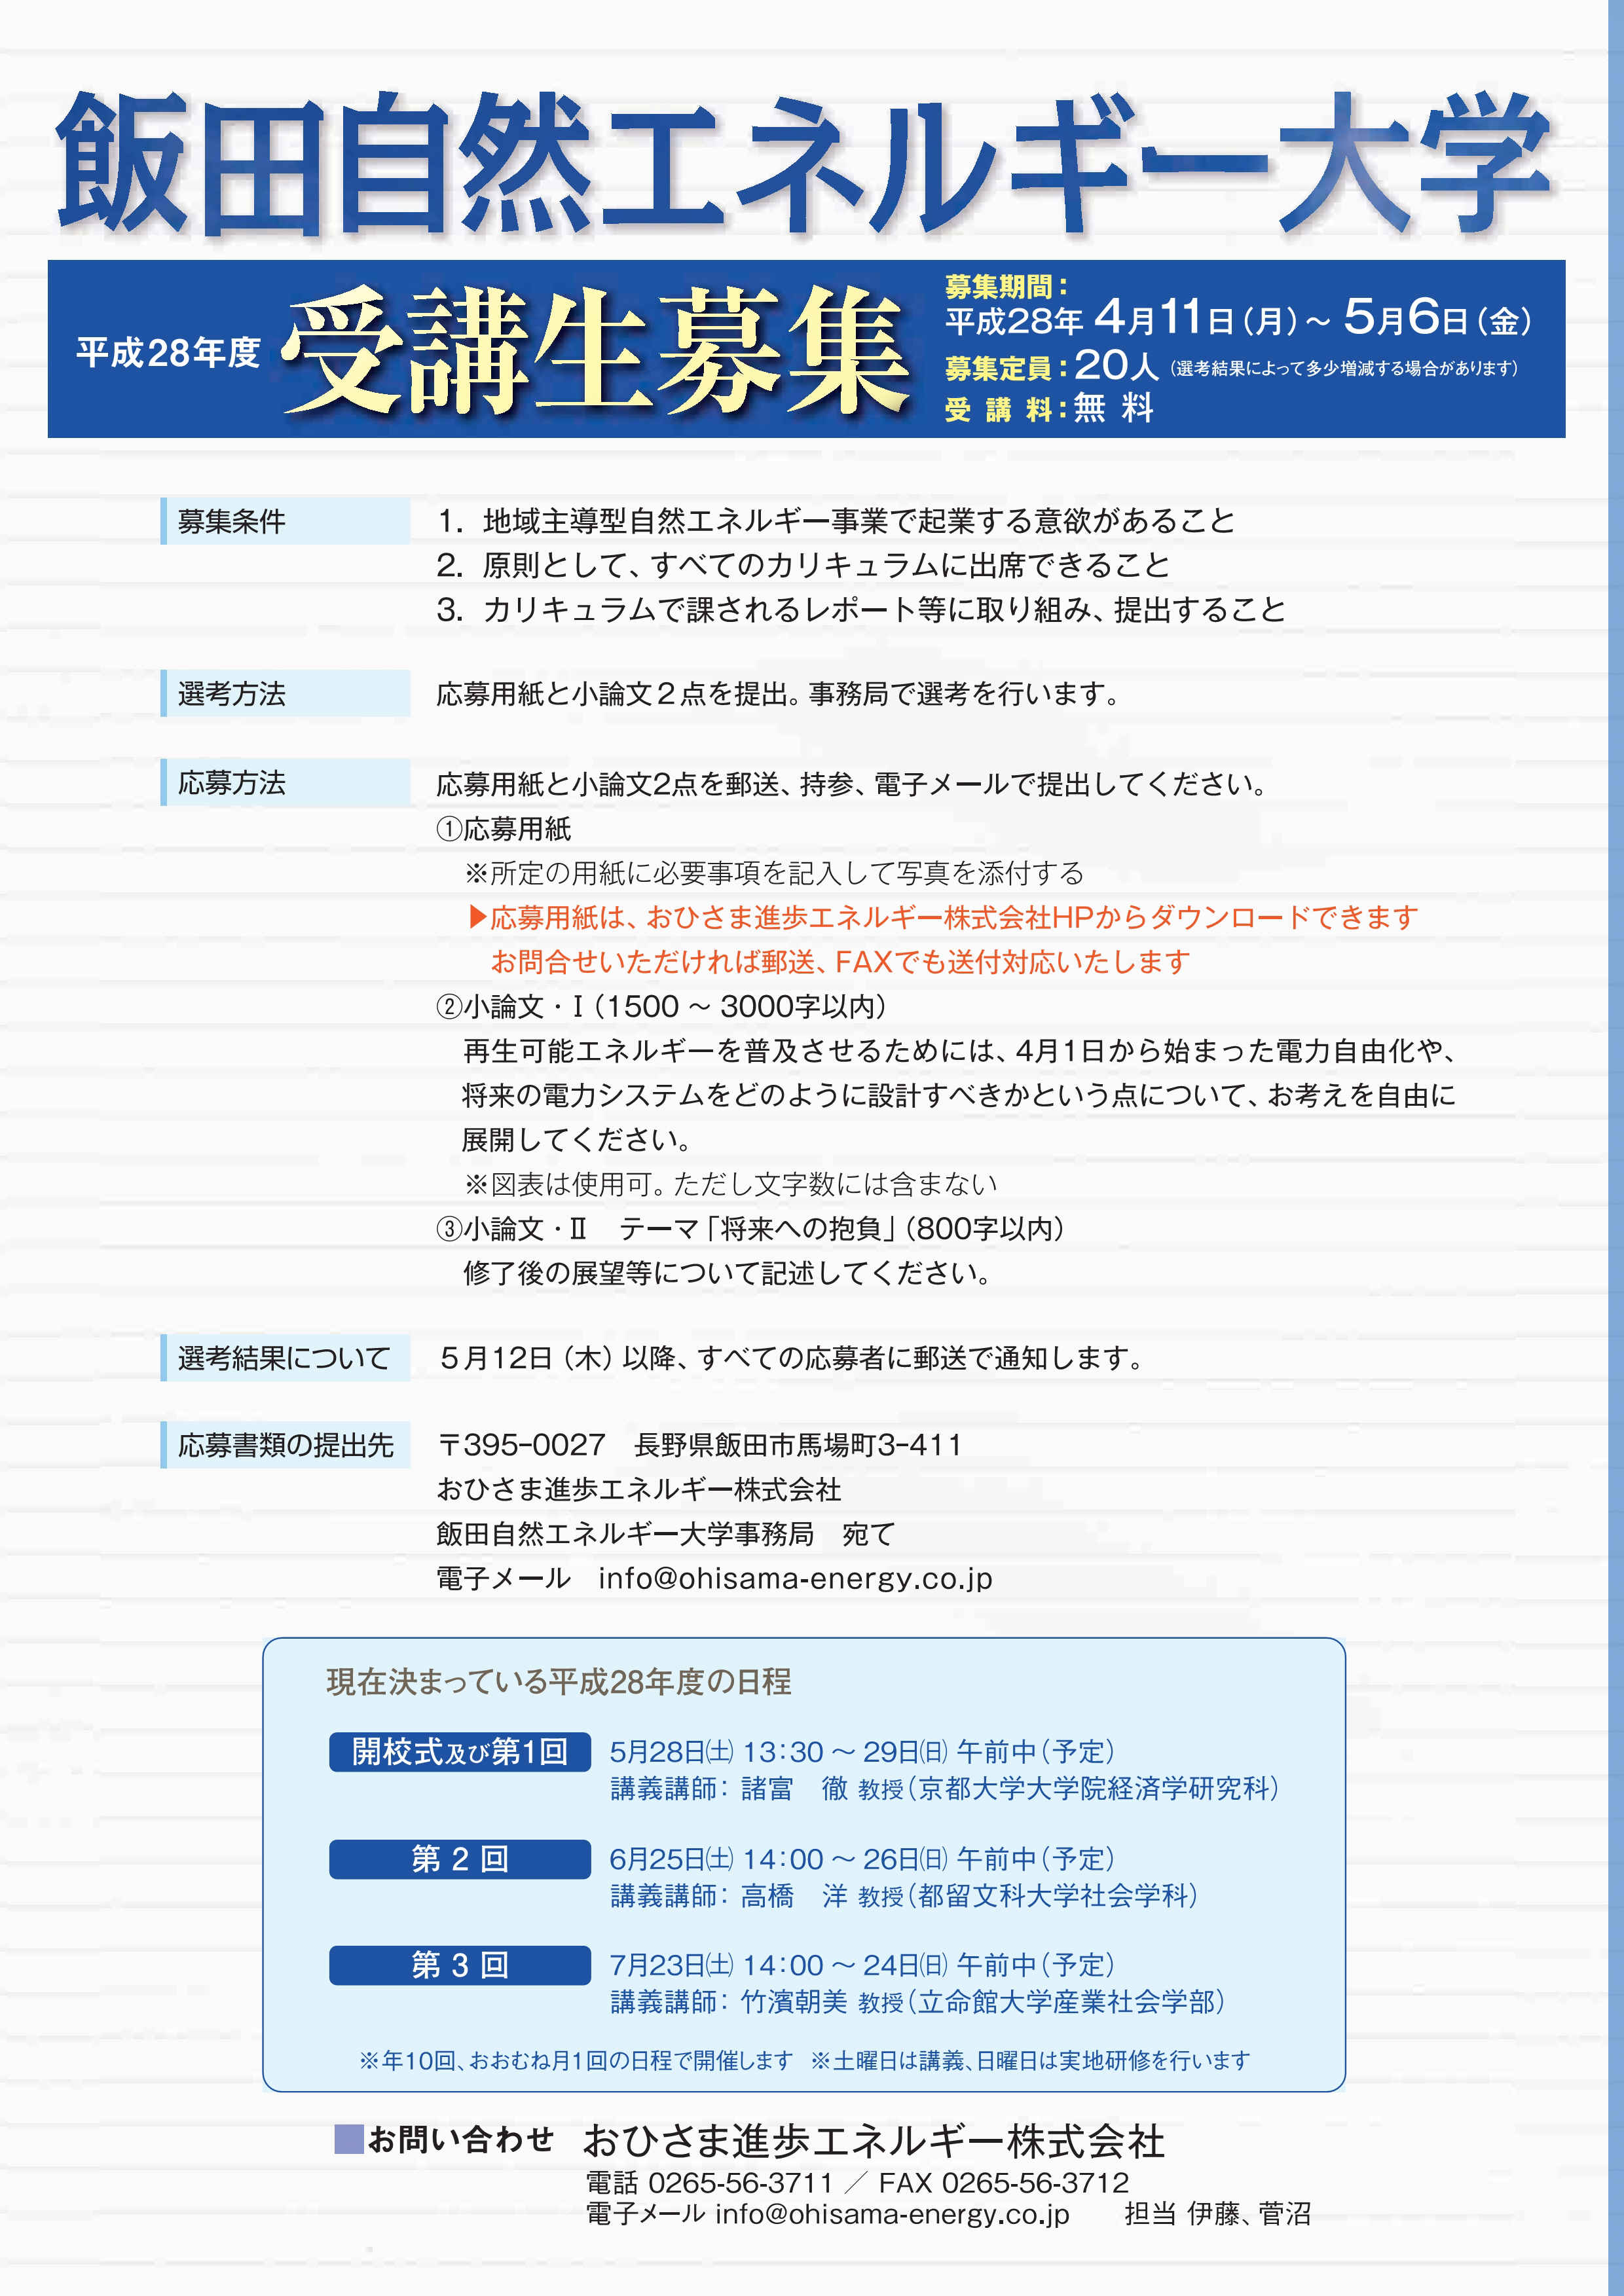 20160502プレスリリース資料_page003